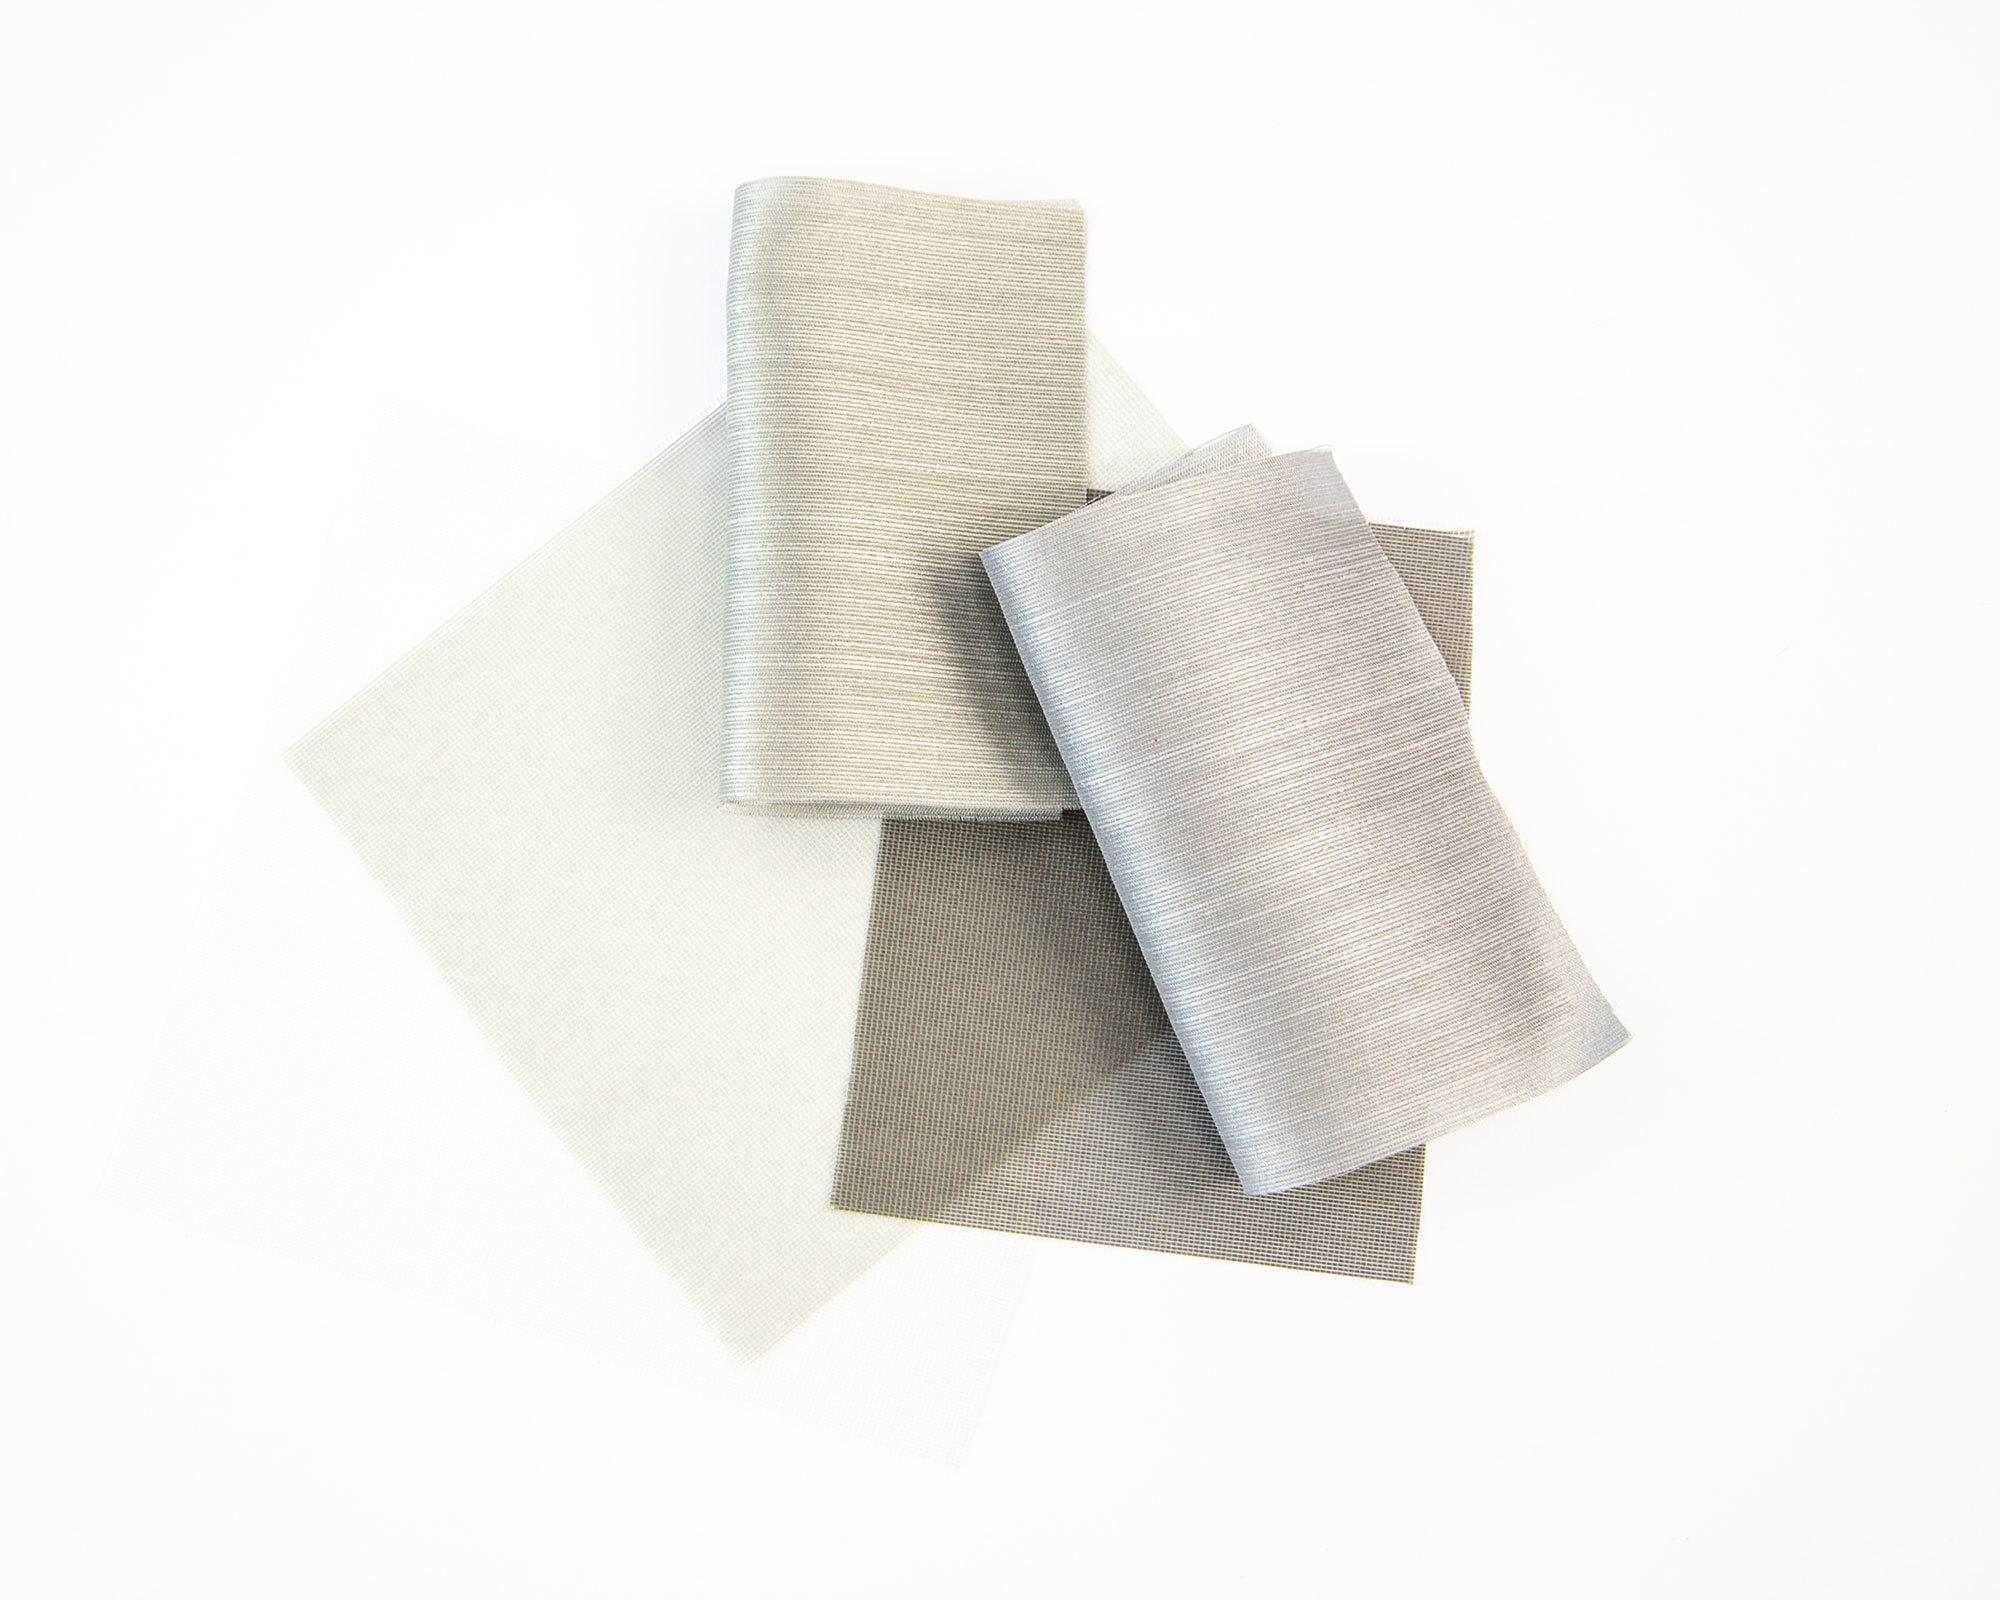 Vorhangstoffe Face und Cloud mit Blend- und Wärmeschutz aus der Glare & Heat-Kollektion von Création Baumann.